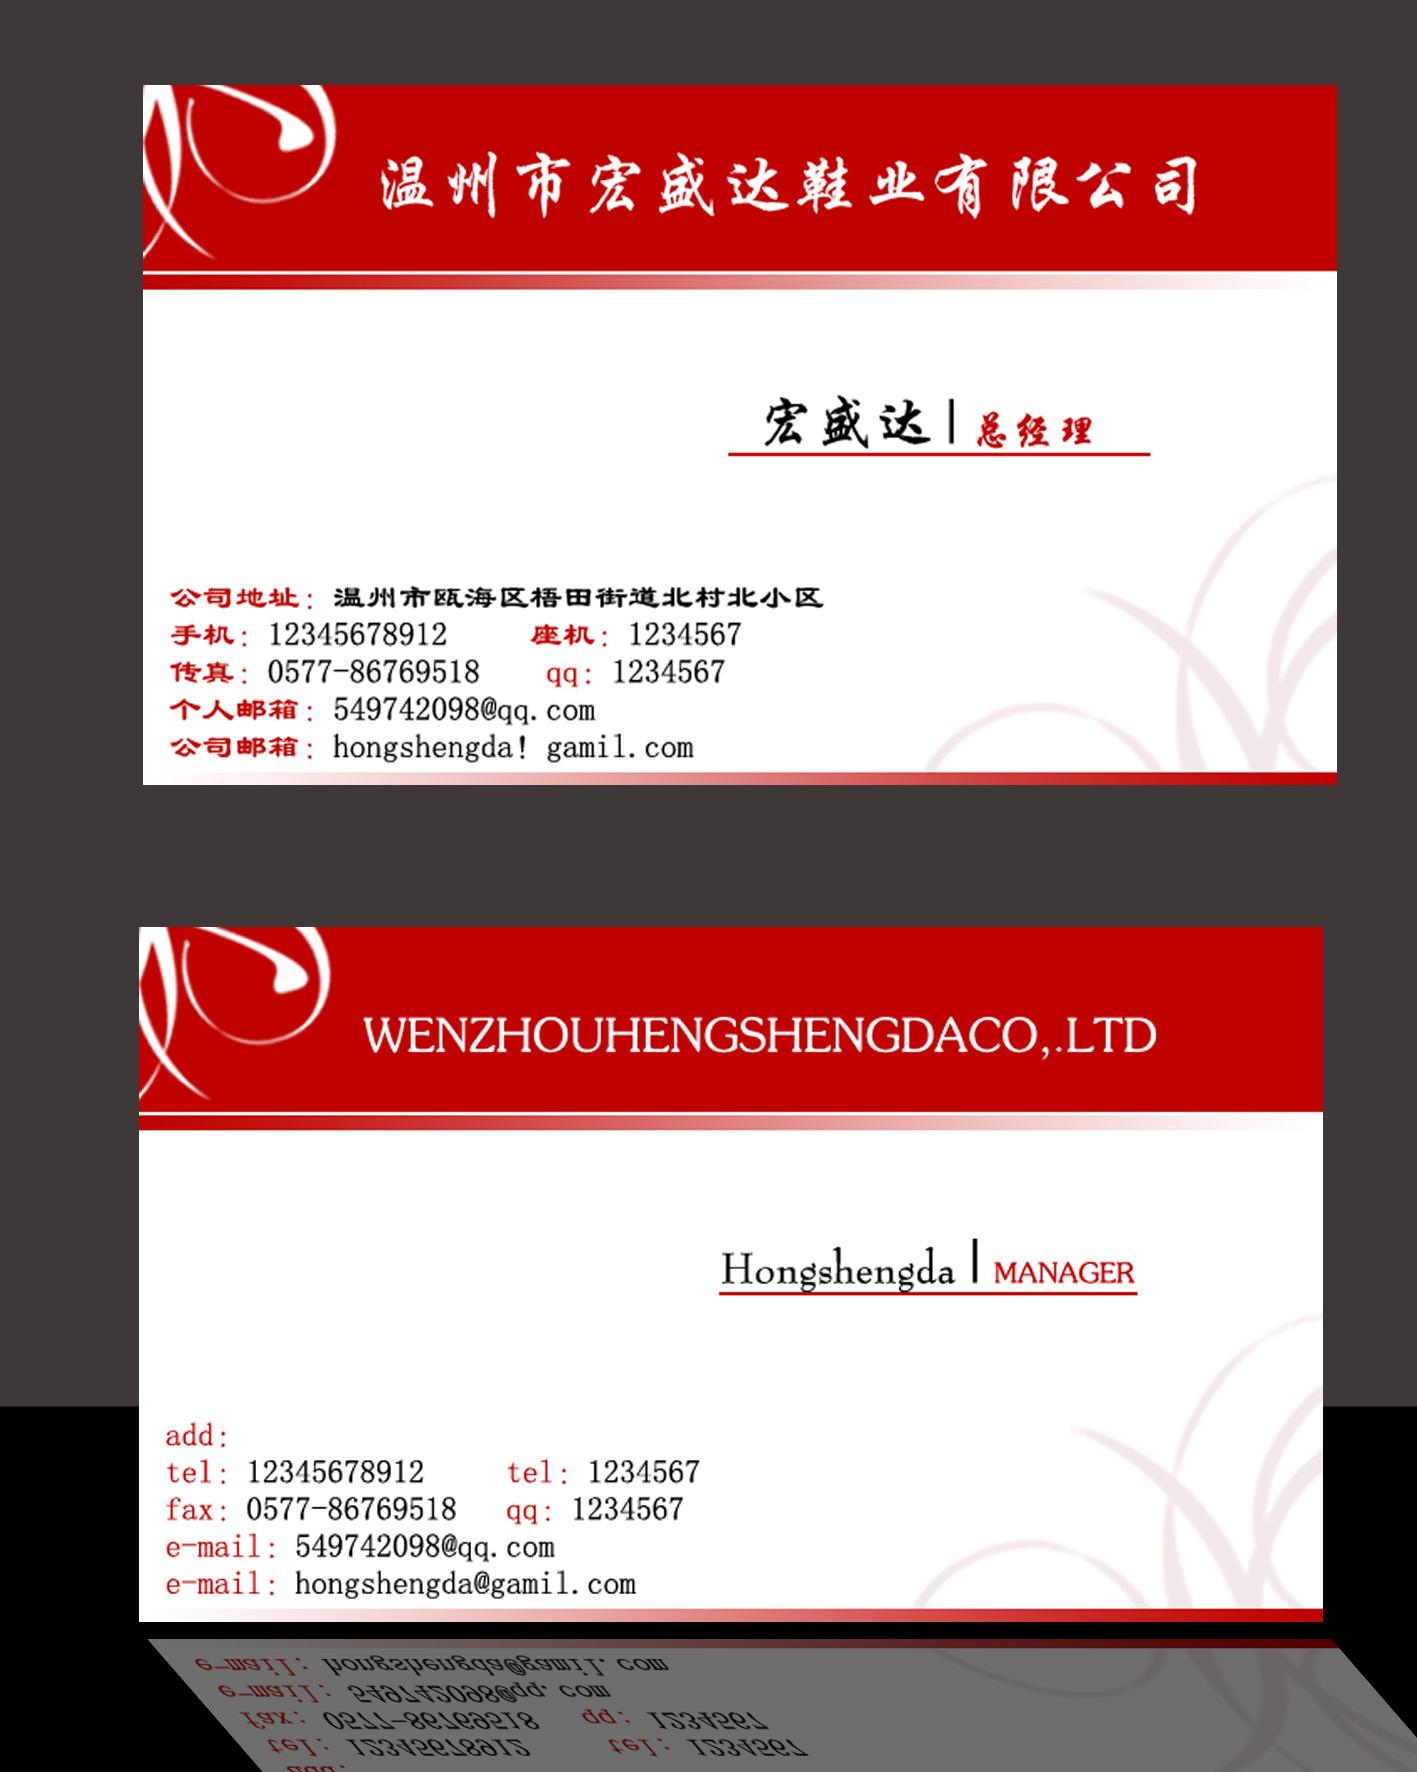 小白兔012稿件_宏盛达鞋业有限公司名片设计